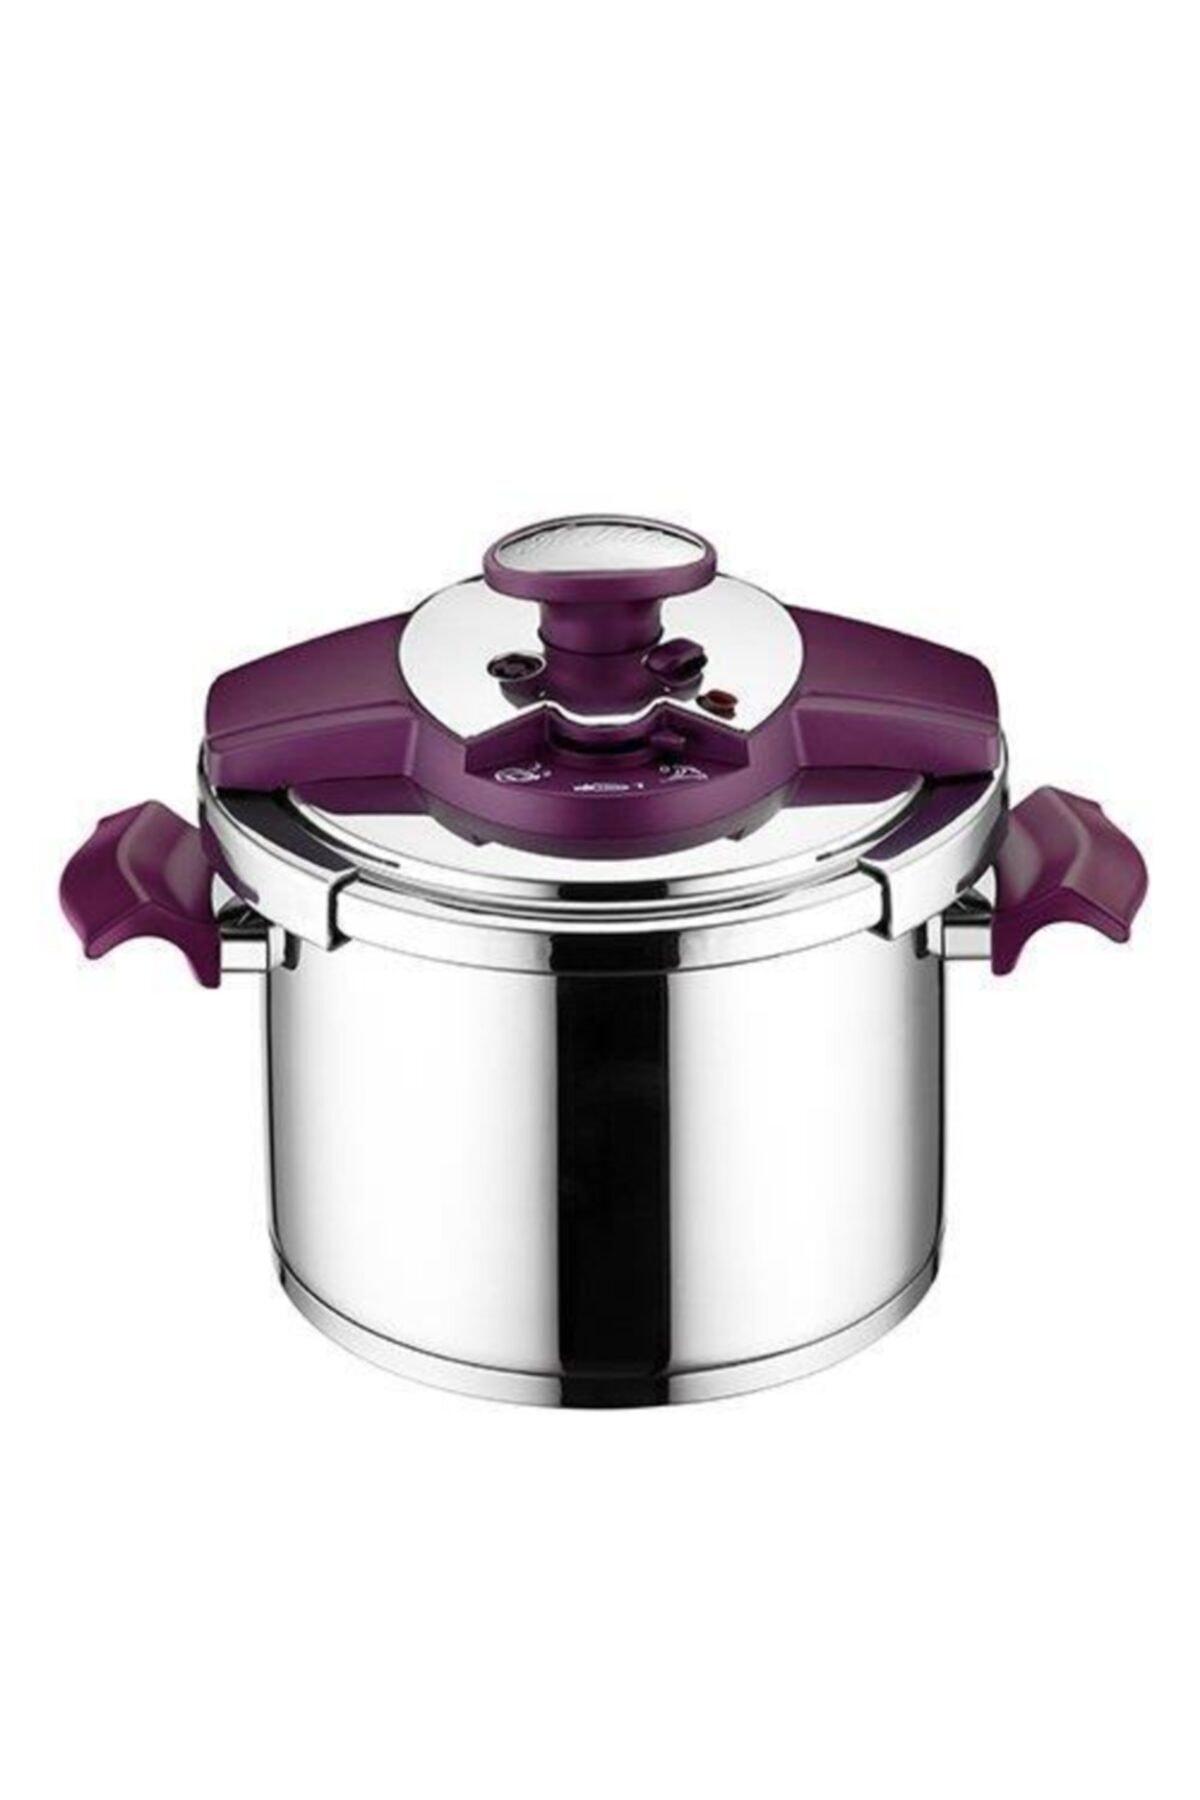 Aryıldız Milano Purple Düdüklü 7 lt 1